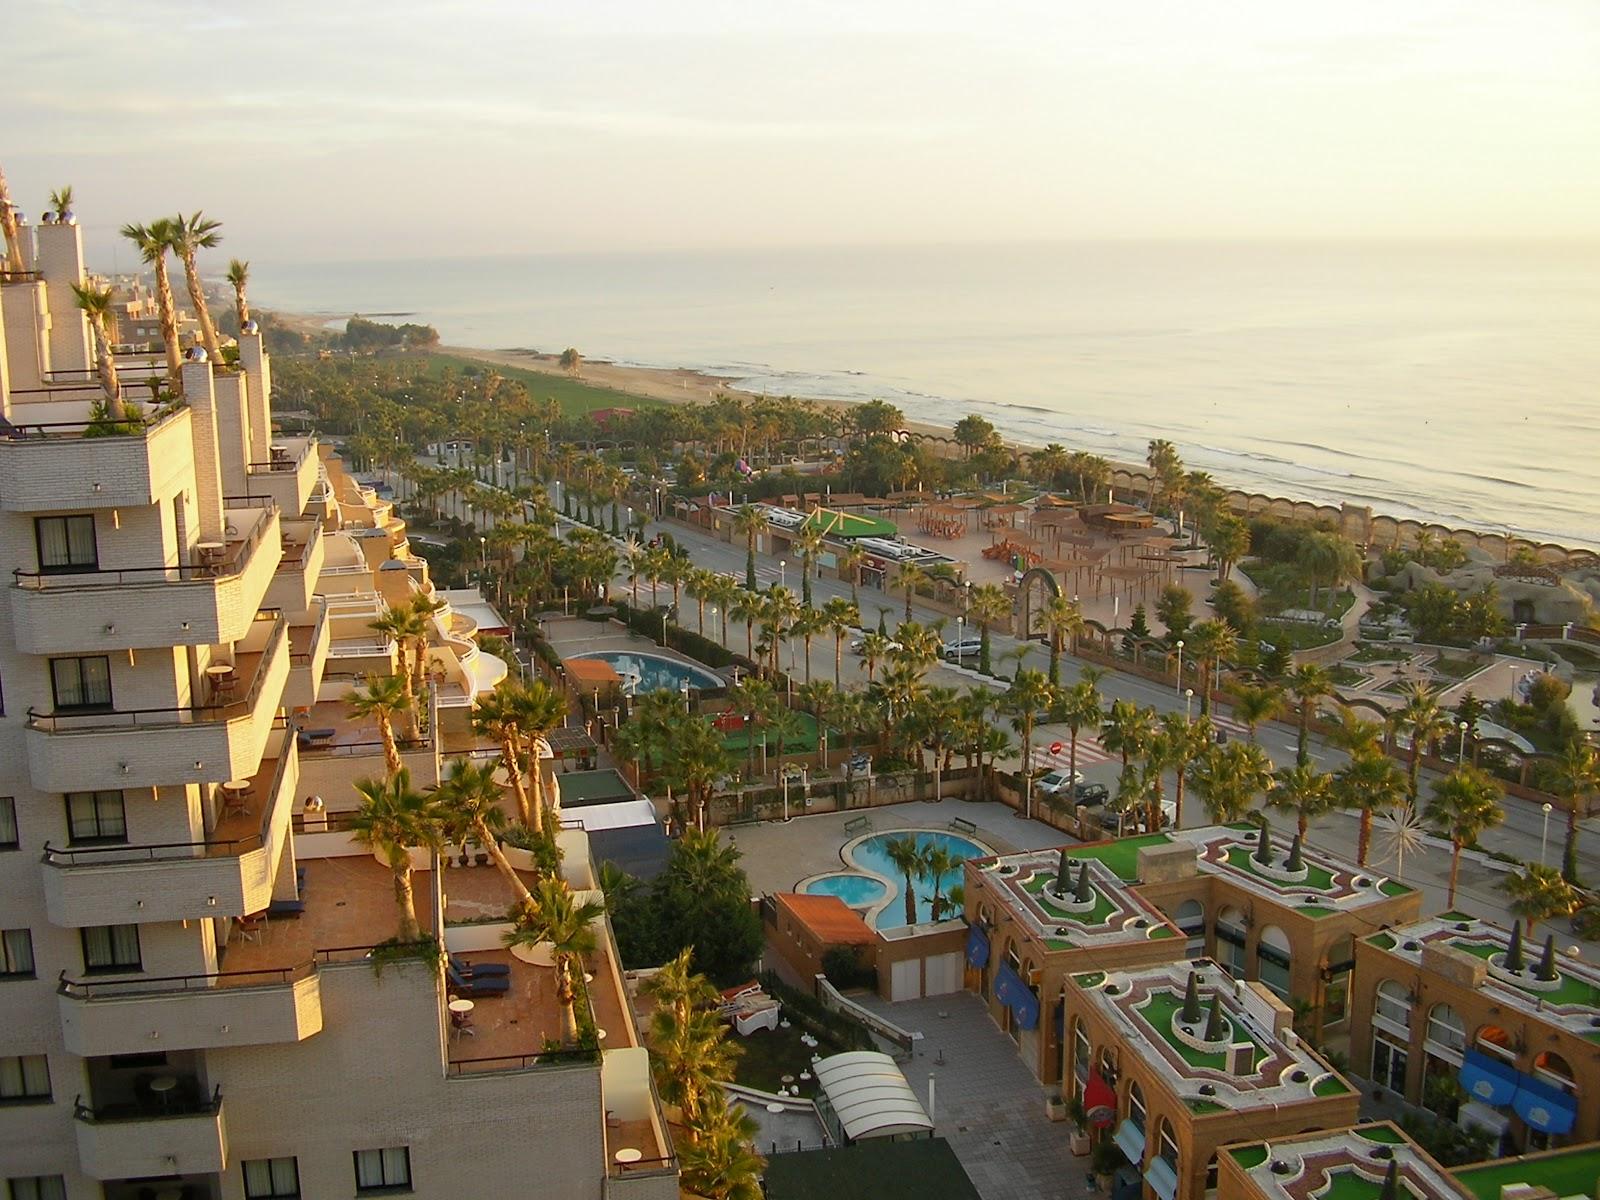 Alquilar apartamento en la playa alquilar apartamento en la playa marina d or el entorno - Alquilar apartamento marina dor ...